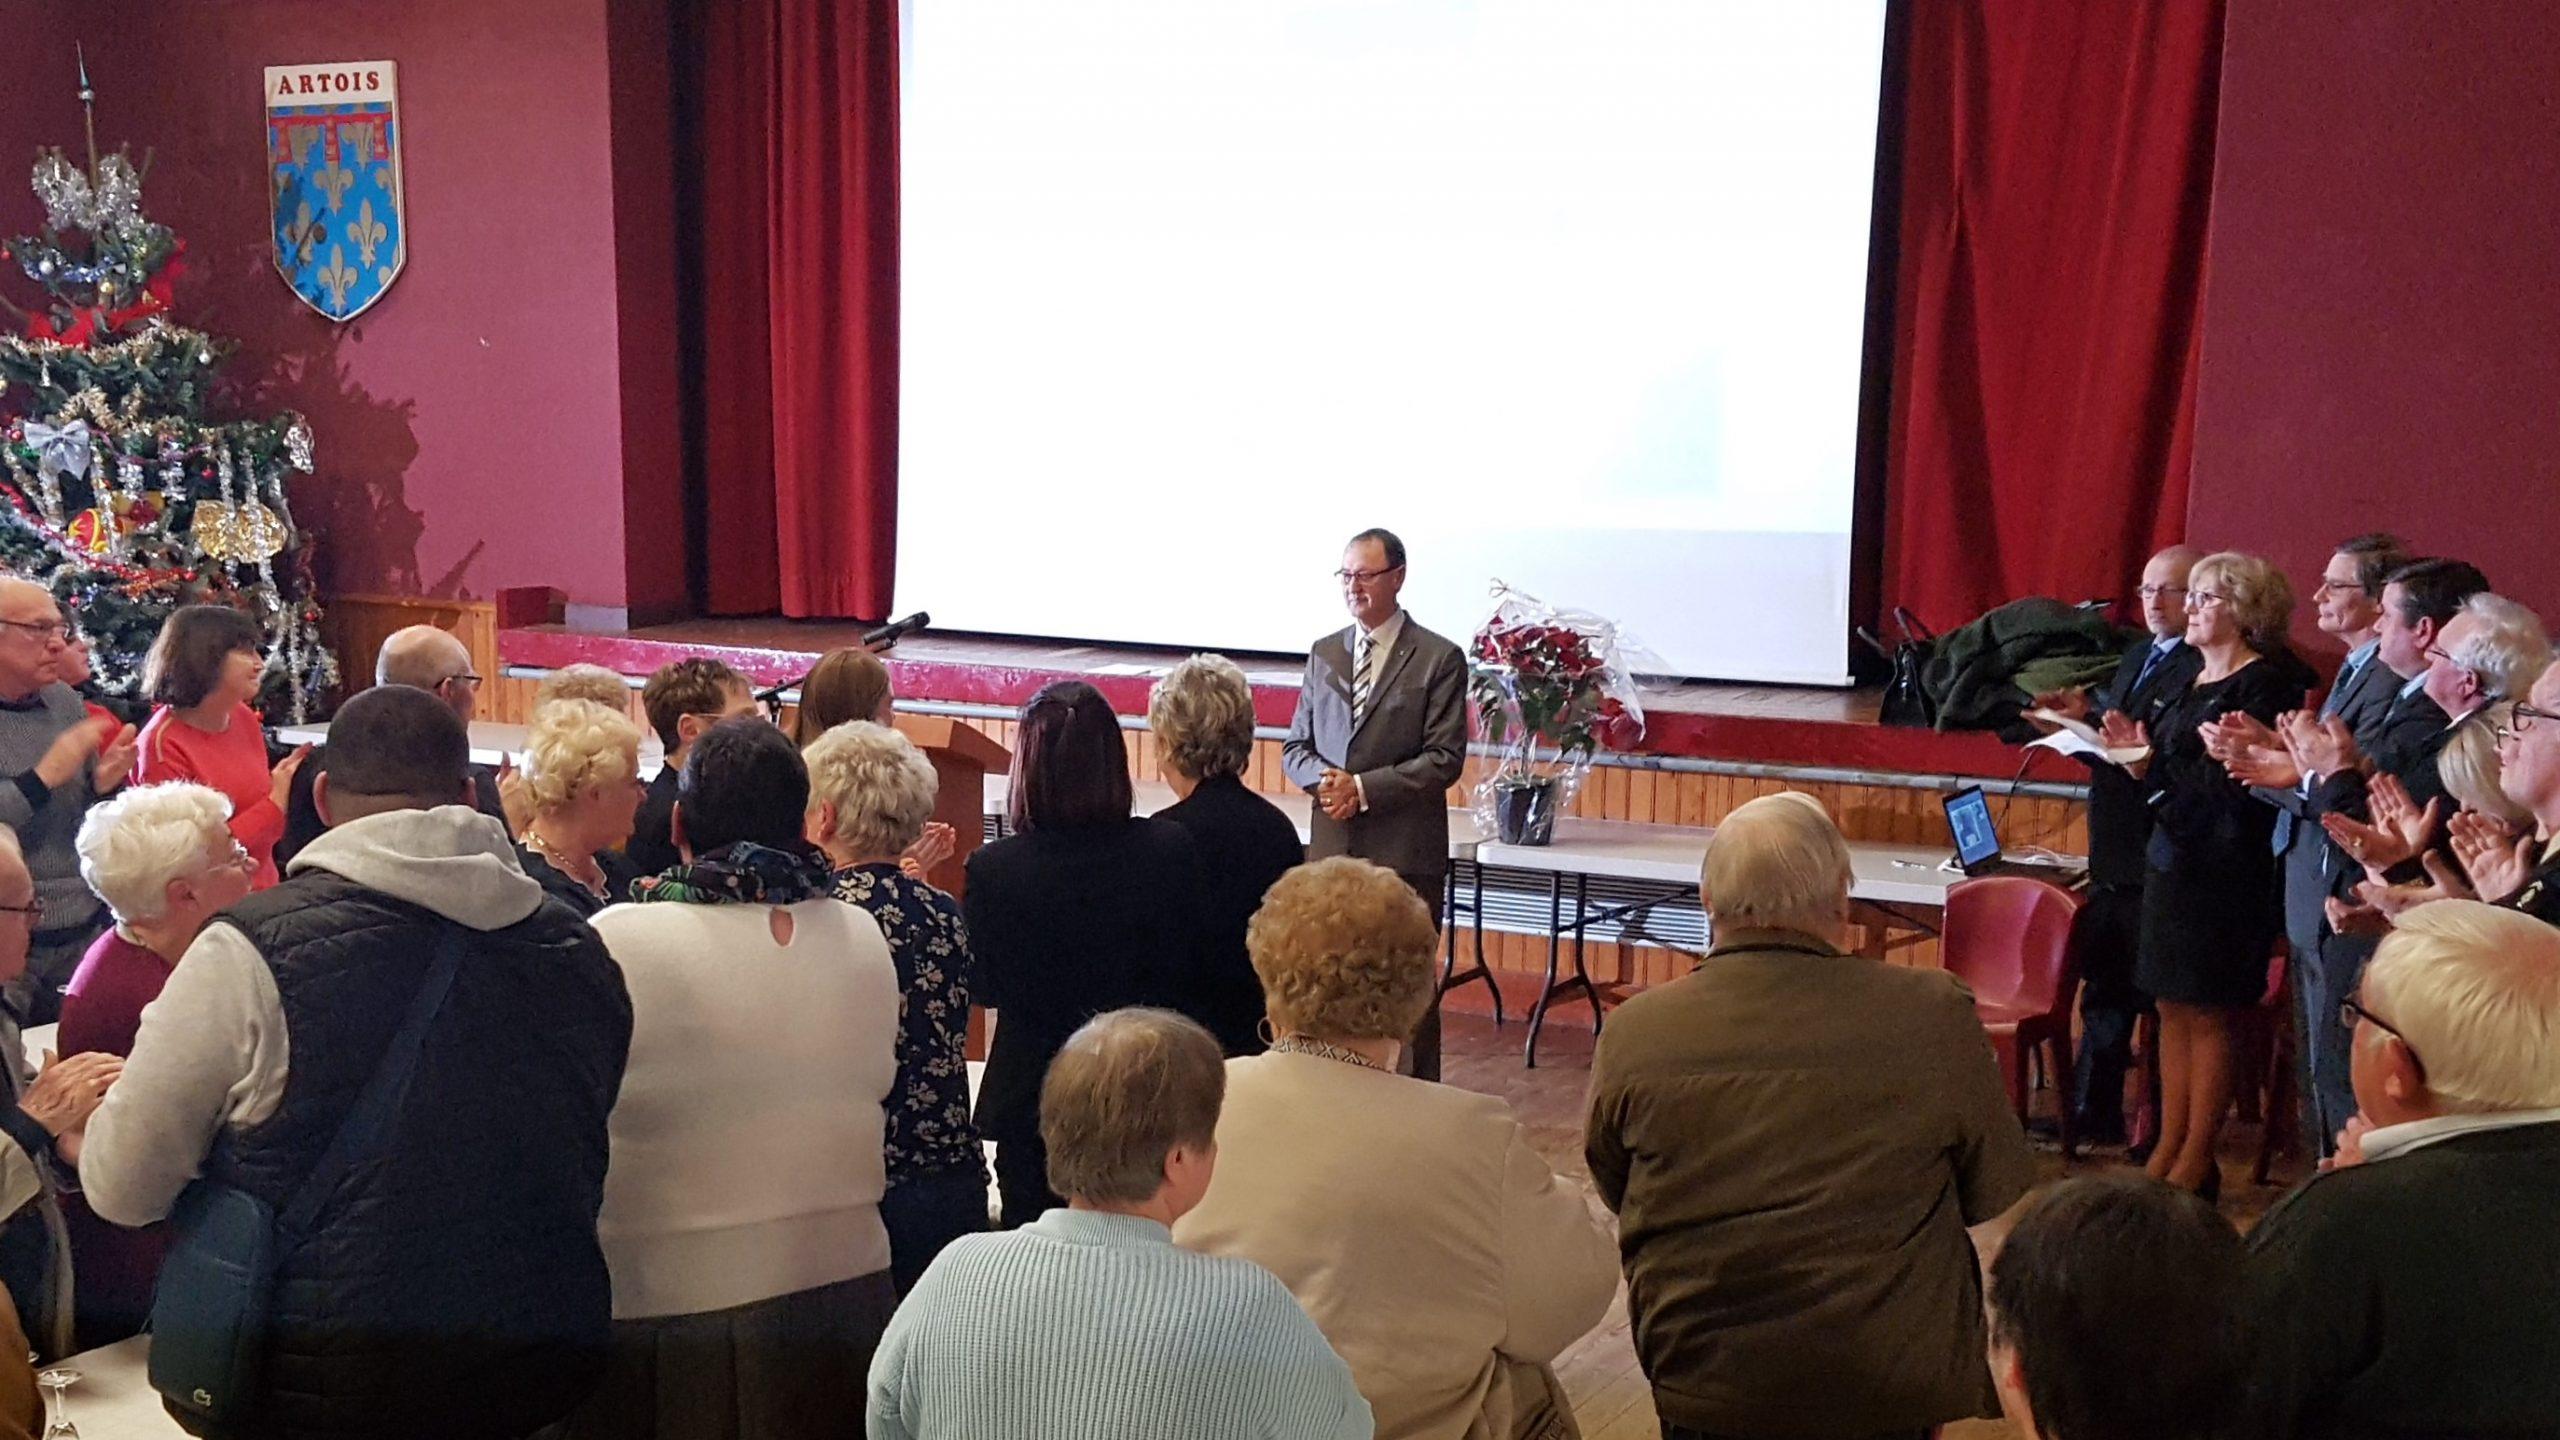 Élu depuis 2001, le maire de Pernes ne se représentera pas aux prochaines élections